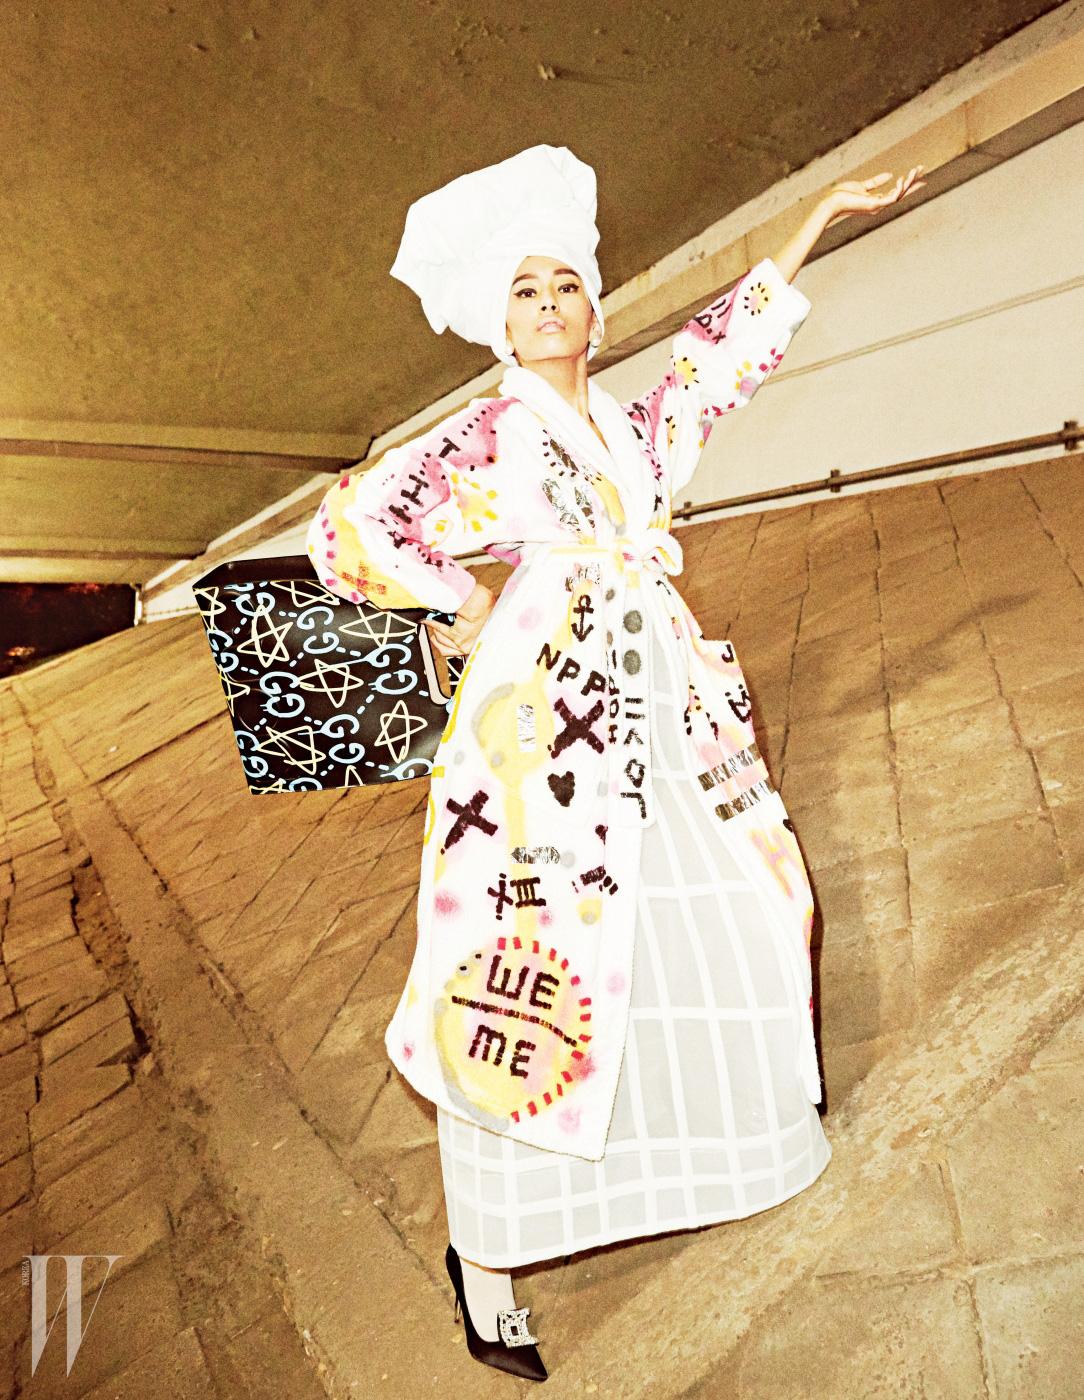 그라피티가 그려진 가운은 Supreme, 진주 귀고리는 Dior, 손에 들고 있는 구찌 고스트 프린트 라지 토트백은 Gucci, 중세풍의 우아한 새틴 슈즈는 Manolo Blahnik 제품.